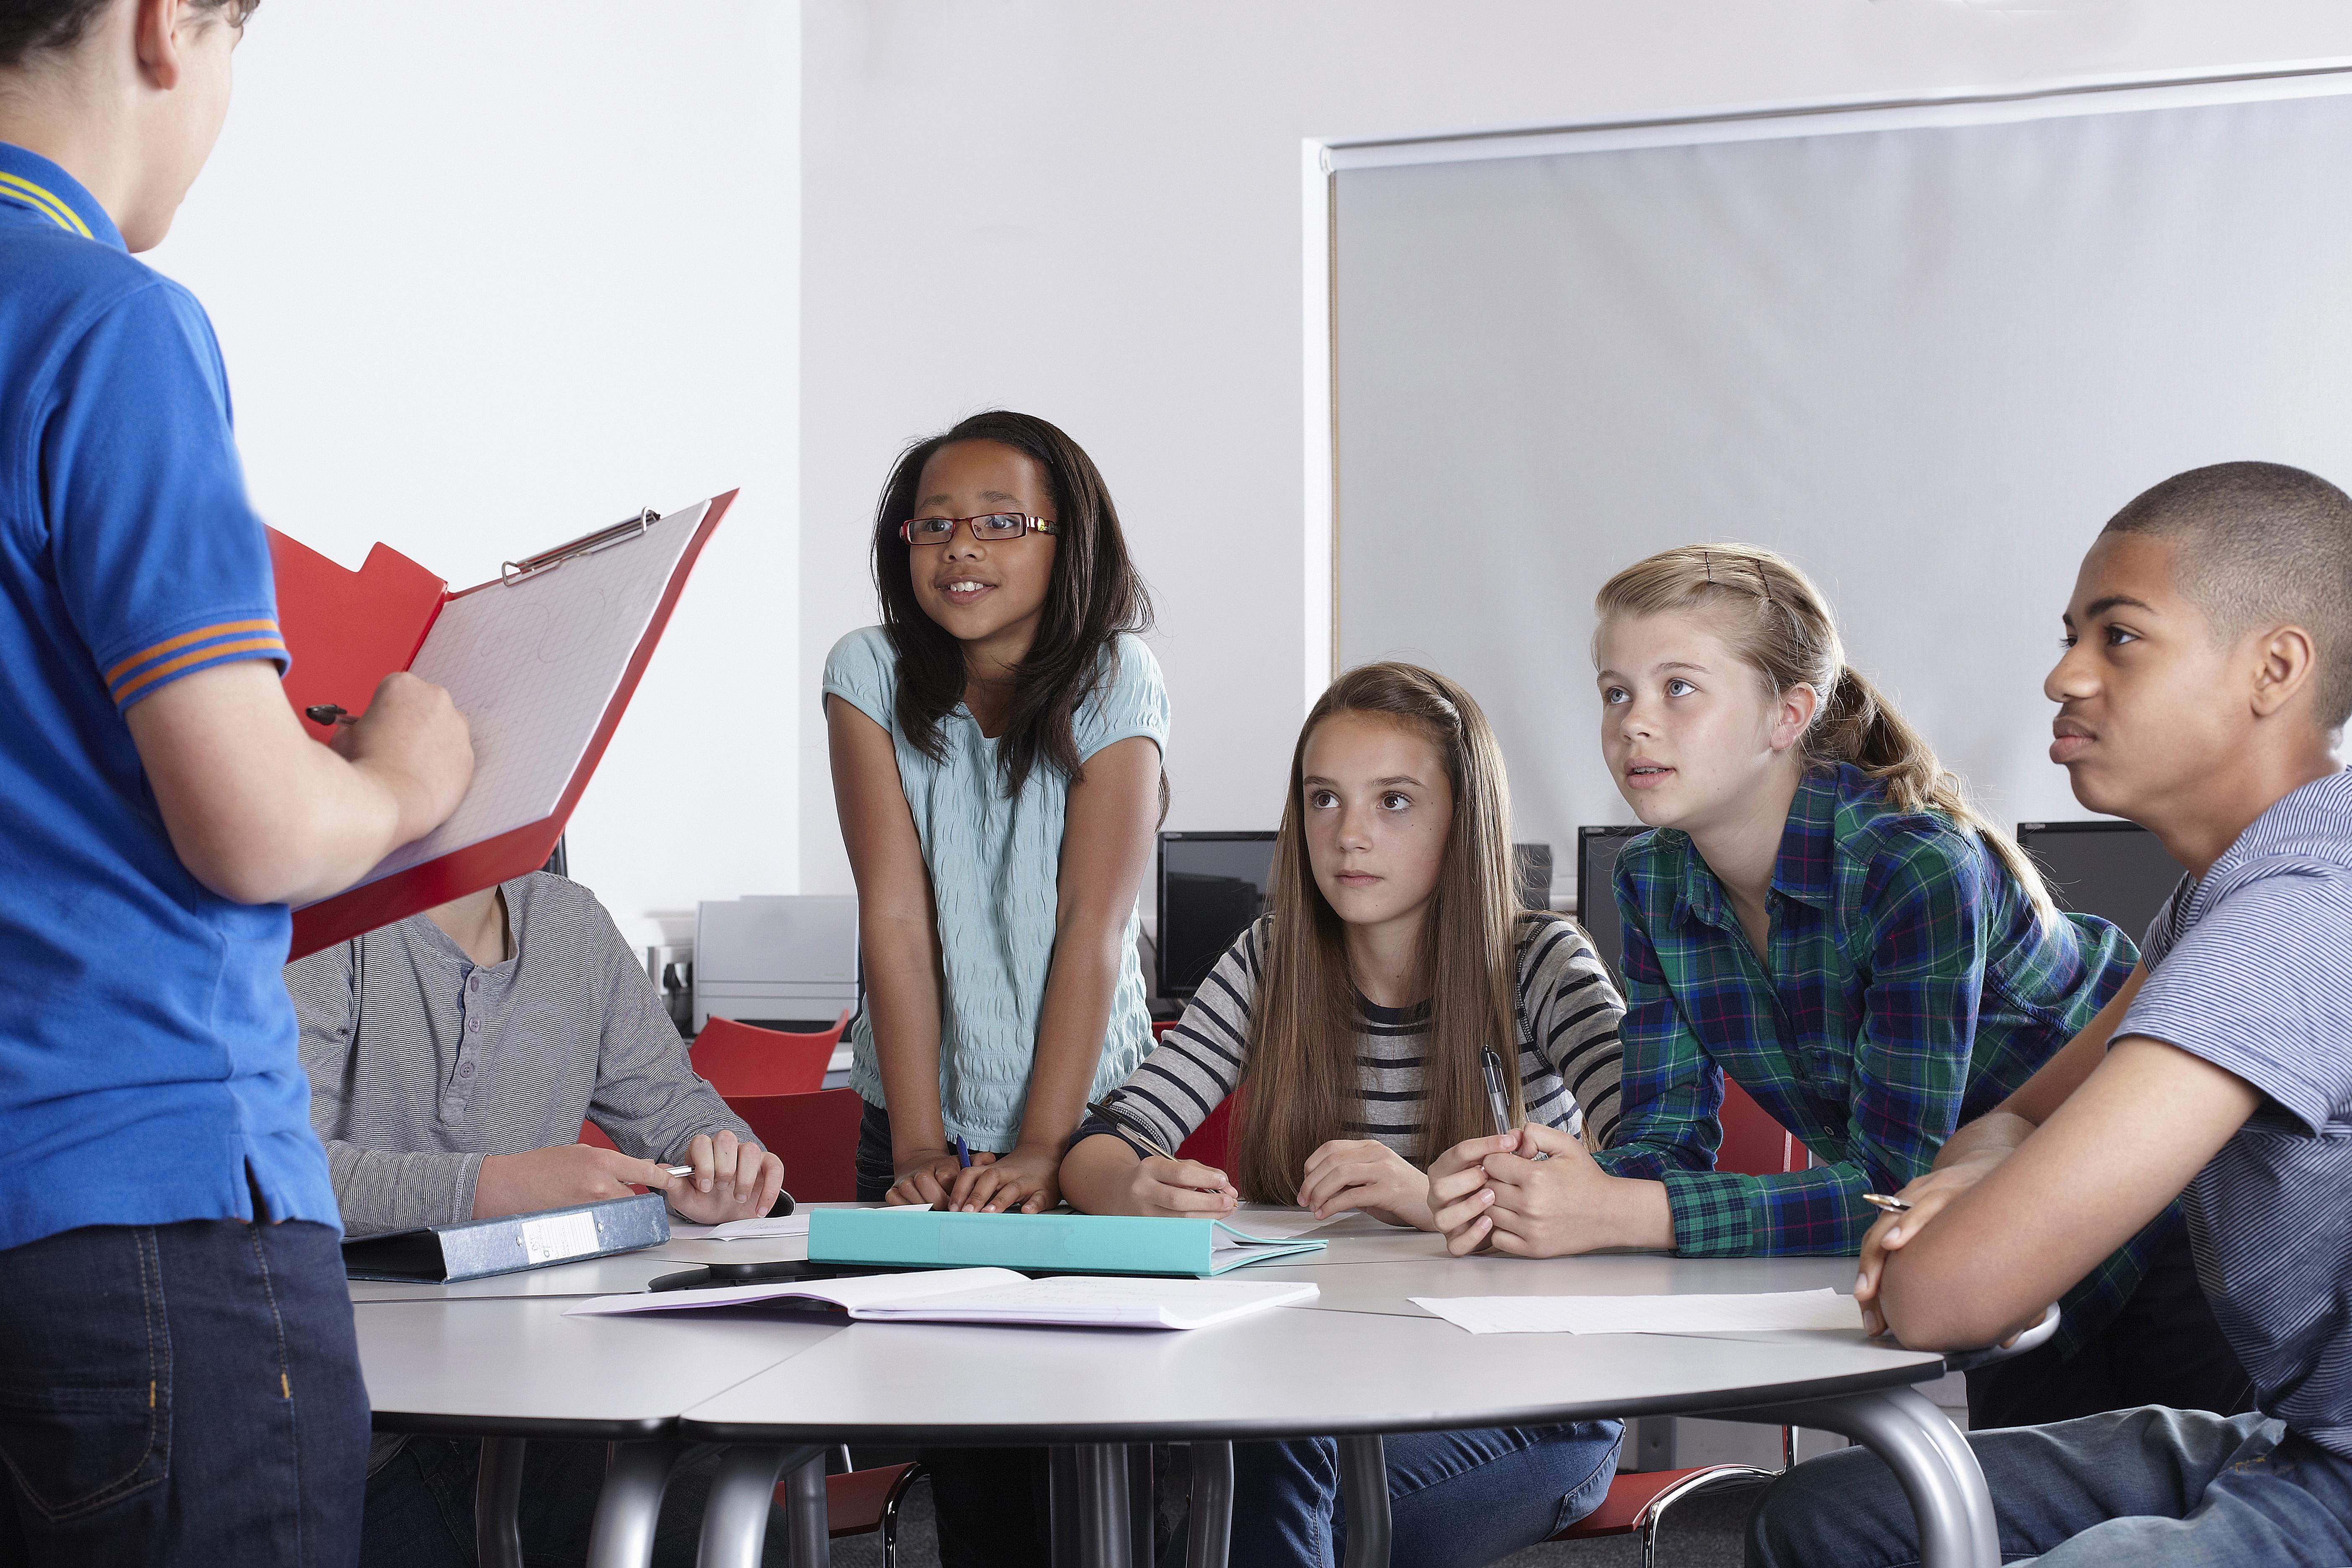 Schüler an einem Tisch, während ein anderer Schüler steht